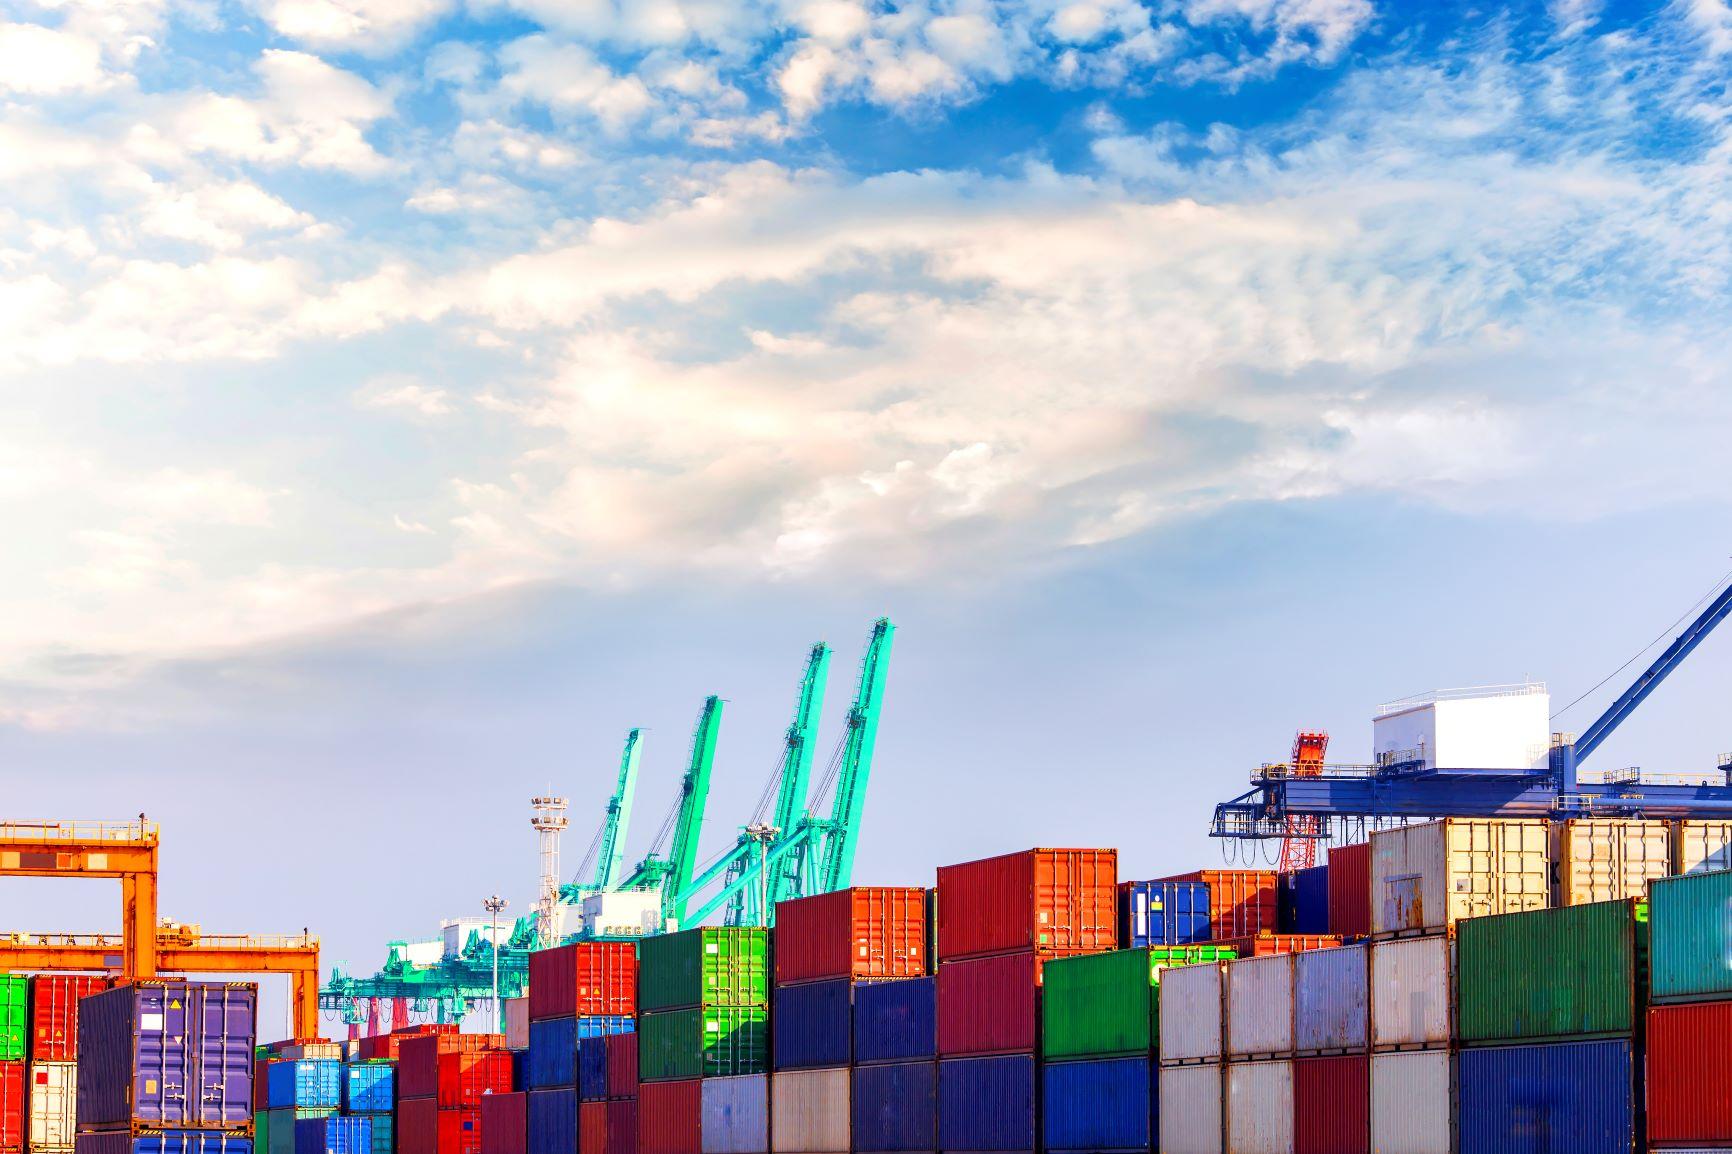 İngiltere ile Serbest Ticaret Anlaşması İmzalandı: Sonuçları Neler?